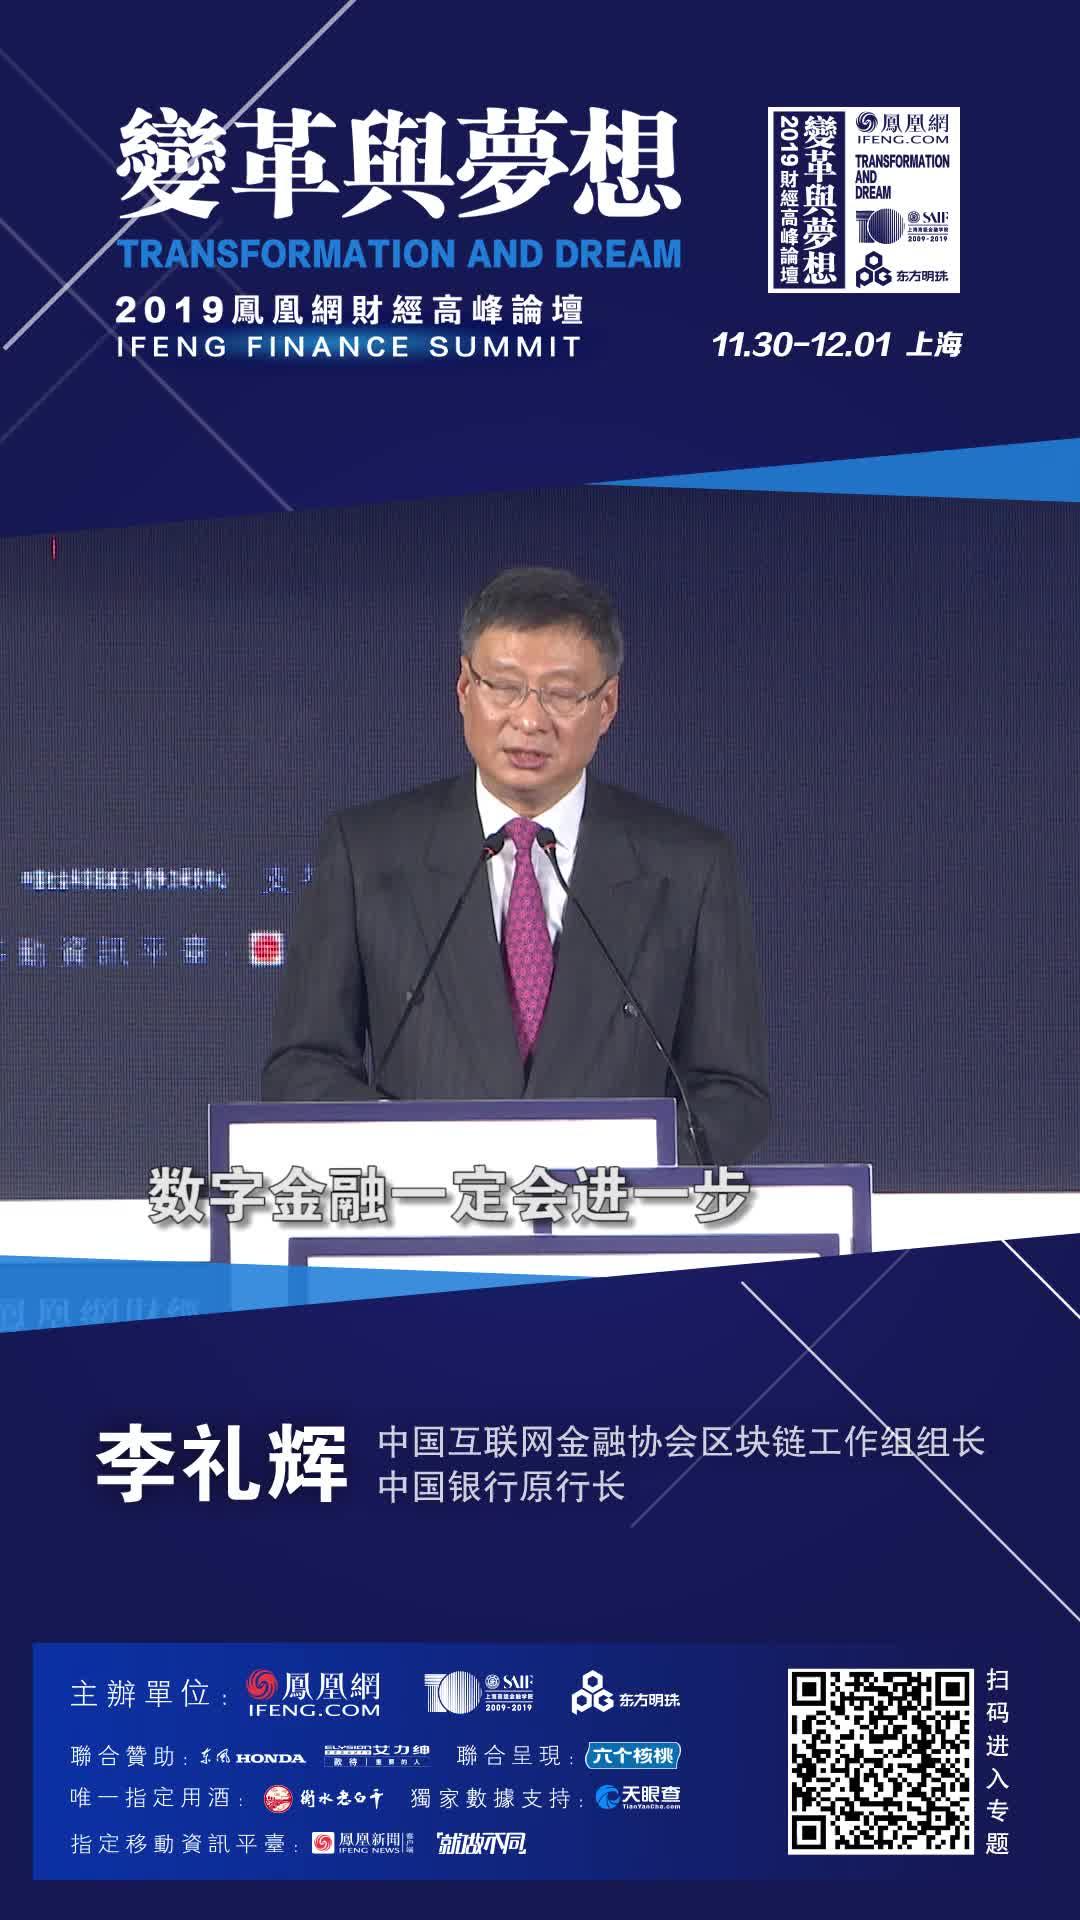 李礼辉:数字金融会进一步强化金融的全球化